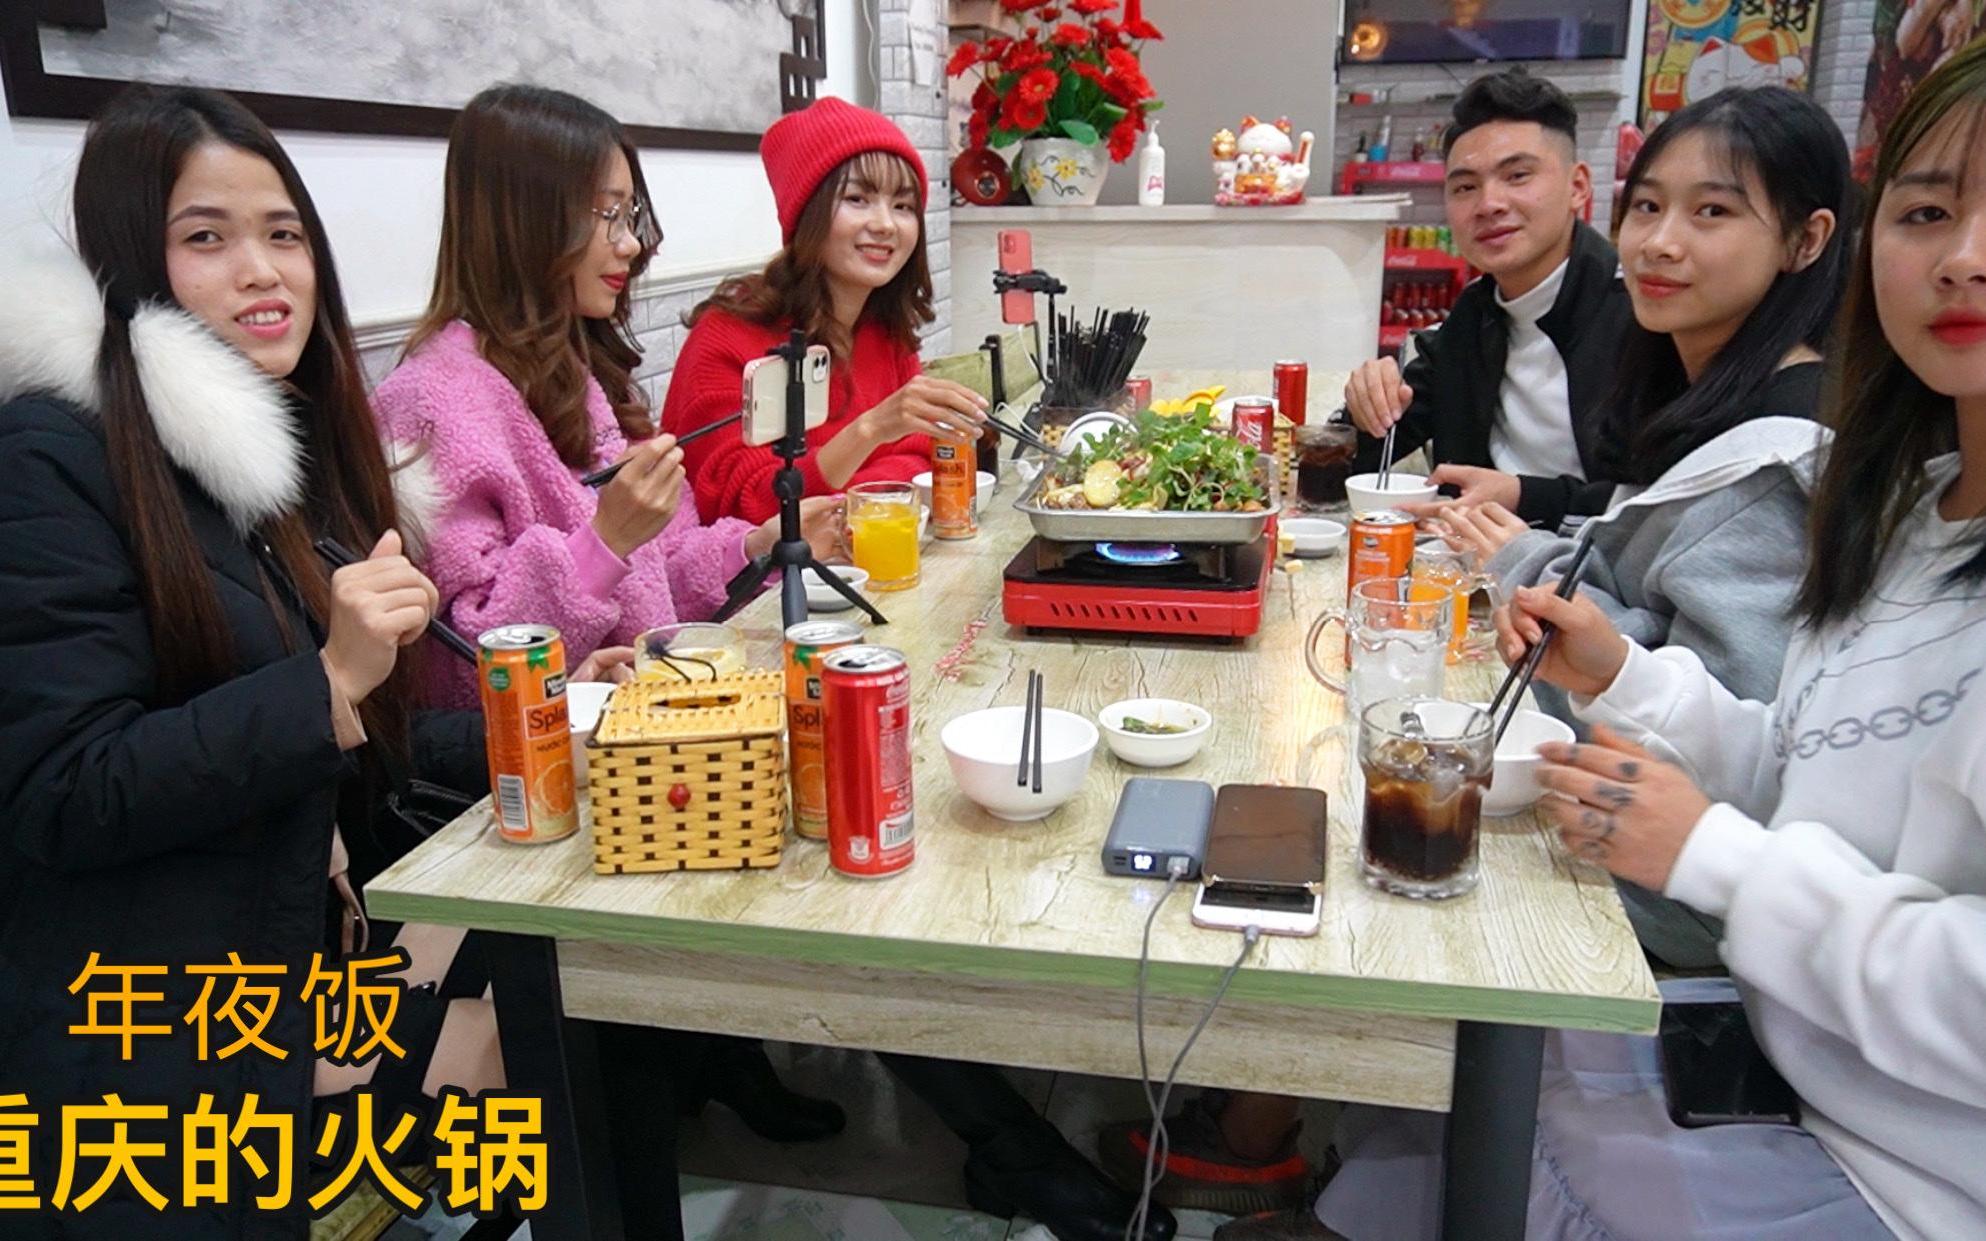 越南网红相聚吃年夜饭,这一餐7个人花了大概500000₫,你们觉得贵么?